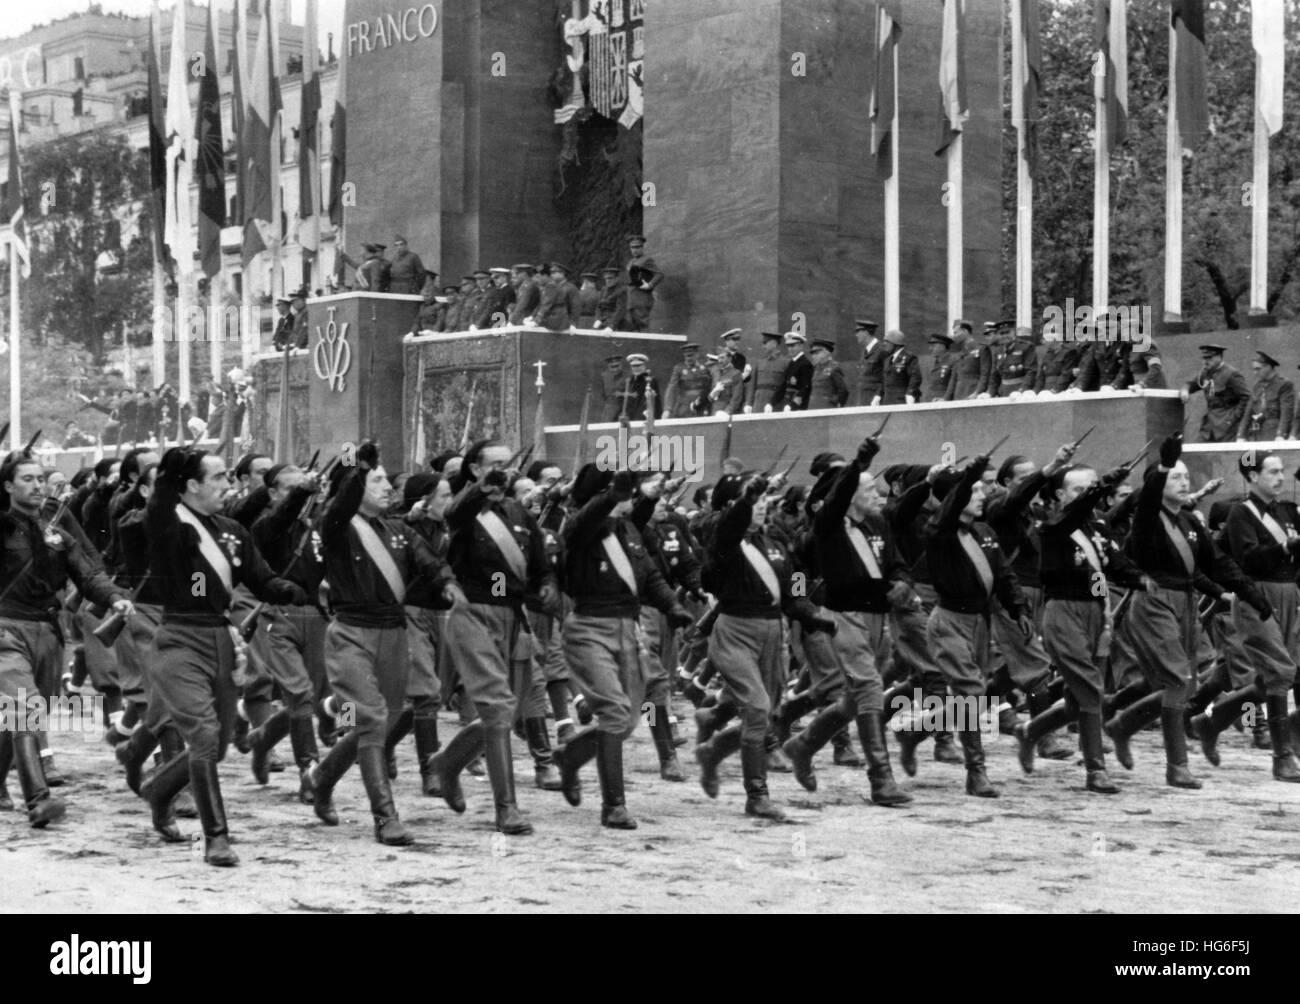 The Nazi propaganda picture shows the march of fascist militia ...